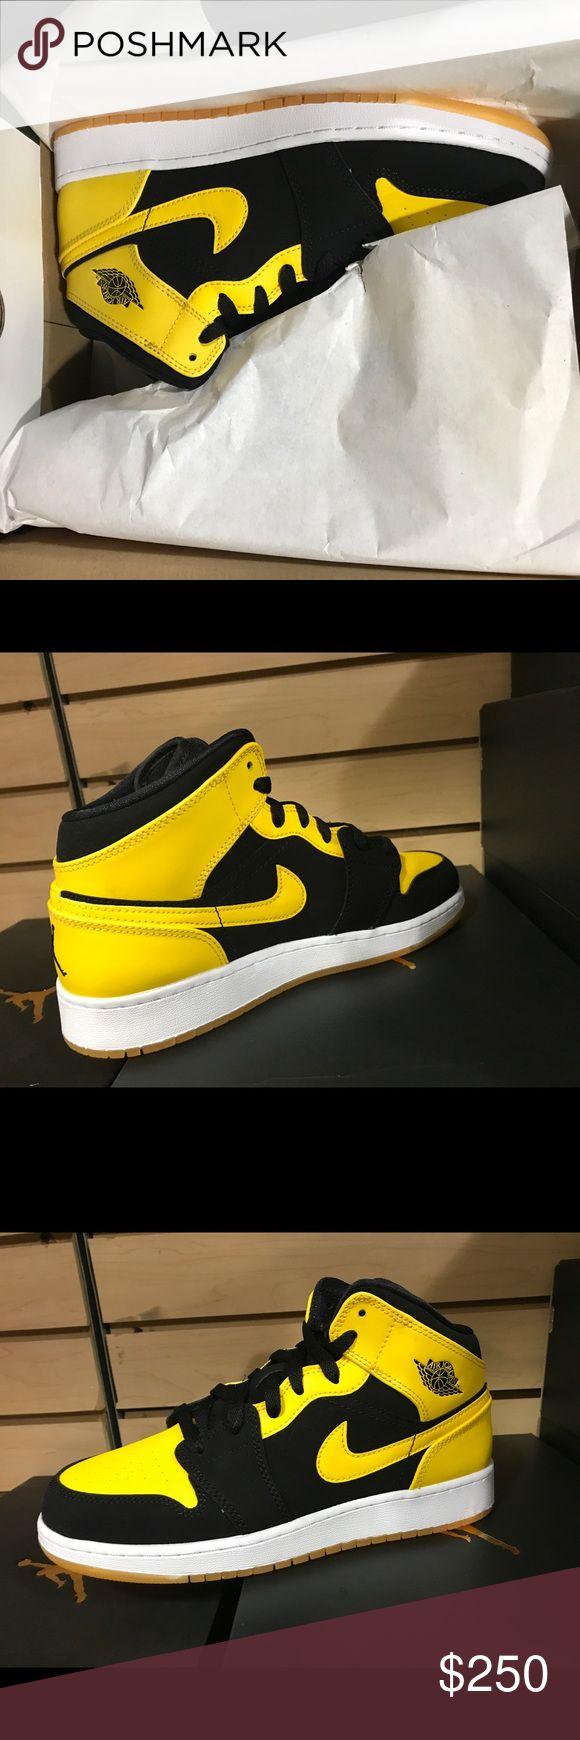 Air Jordan Retro 1 OG High Brand new pair--Authentic 100% Jordan Shoes Sneakers